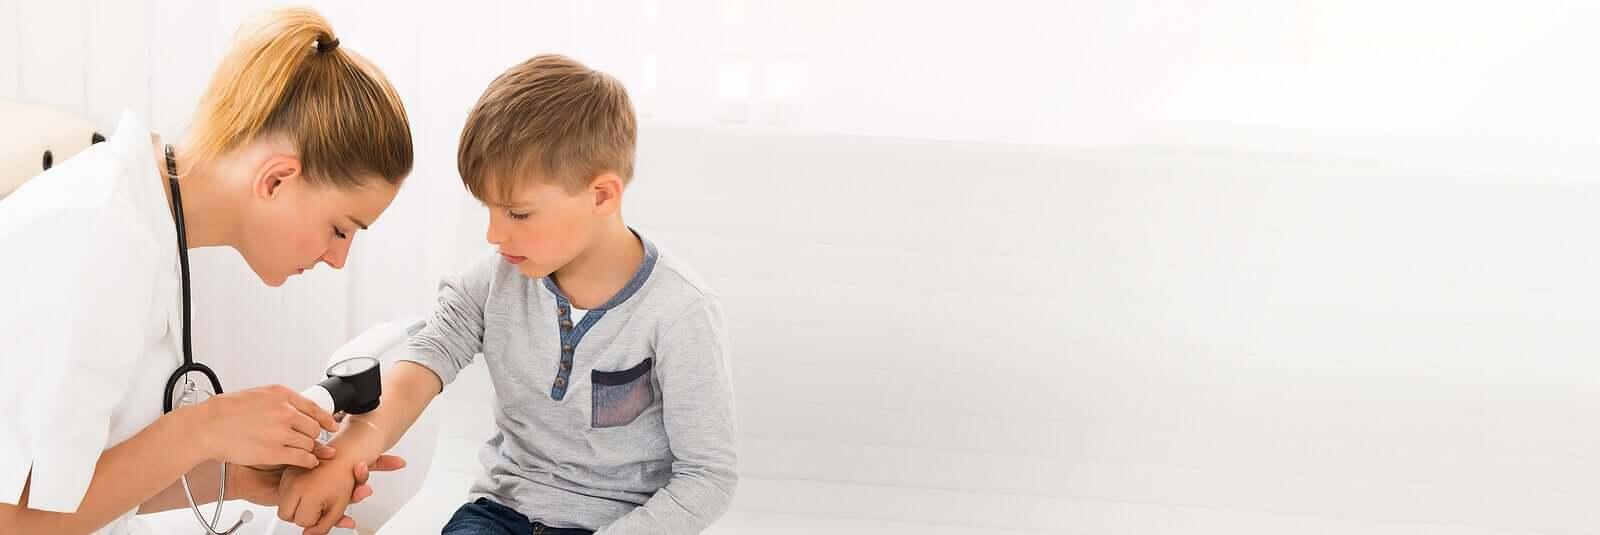 Melanoma in Children and Adolescents